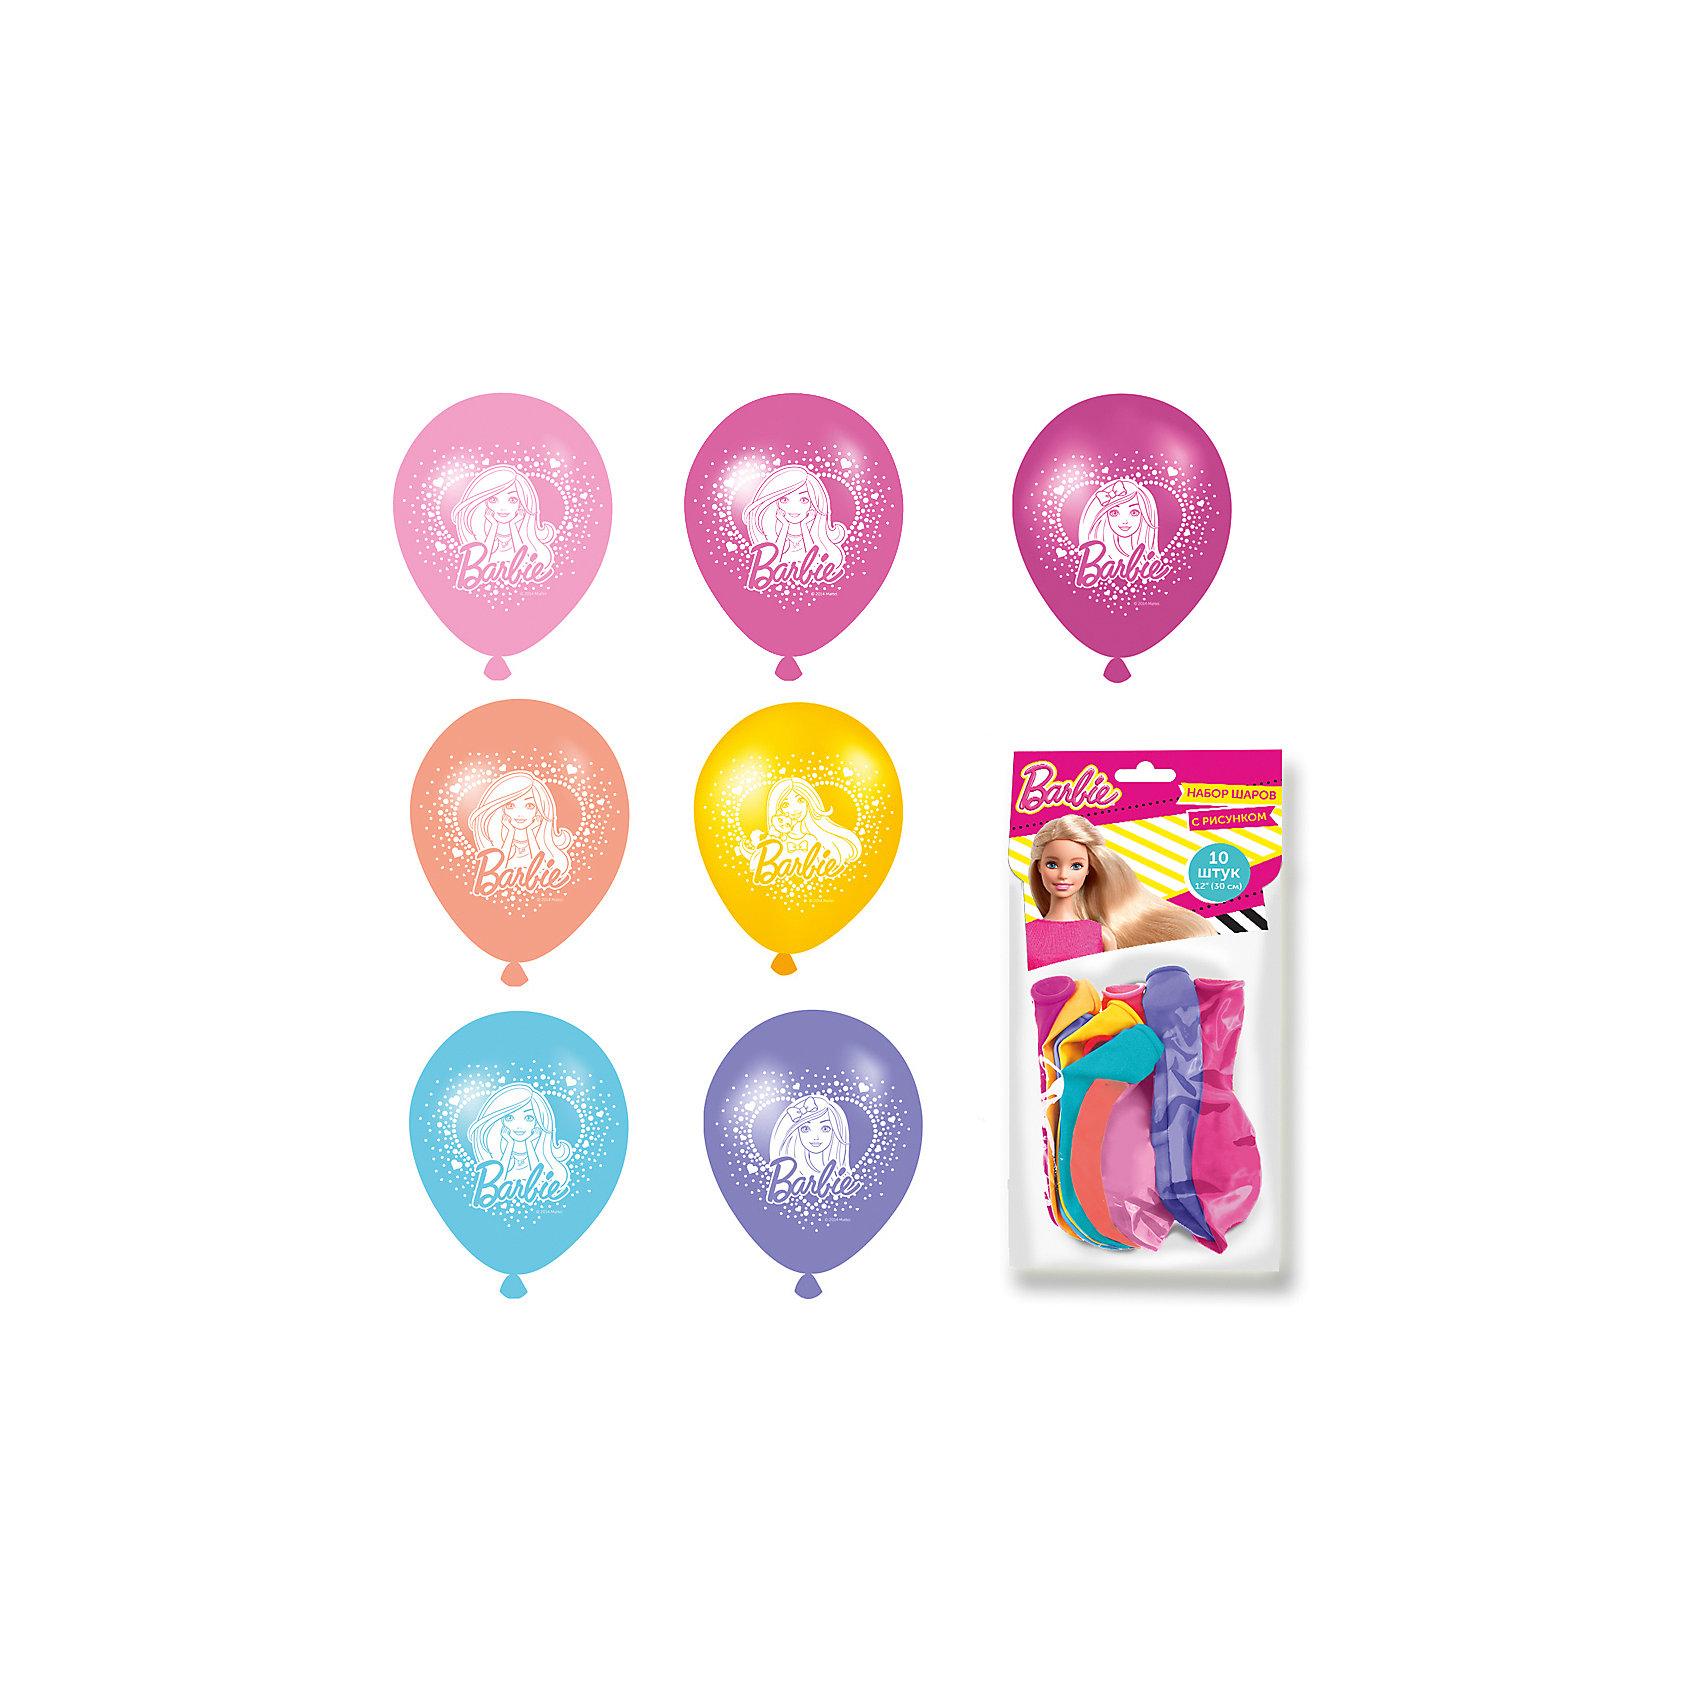 Набор шаров с рисунком 30см, 10 шт. BarbieРазноцветные шарики с очаровательной Барби украсят любой праздник и помогут организовать множество увлекательных конкурсов, даря прекрасное настроение всем - и детям, и взрослым. А надувание шаров еще и чрезвычайно полезно: такое упражнение развивает дыхательную систему, что благотворно влияет на работу всего организма.&#13;<br>В наборе «Barbie» 10 разноцветных латексных шаров диаметром 30 см c односторонней печатью (3 дизайна). Цвета шаров в ассортименте. Упаковка – пакет с хедером. Товар сертифицирован.<br><br>Ширина мм: 220<br>Глубина мм: 150<br>Высота мм: 10<br>Вес г: 48<br>Возраст от месяцев: 36<br>Возраст до месяцев: 120<br>Пол: Унисекс<br>Возраст: Детский<br>SKU: 5016490